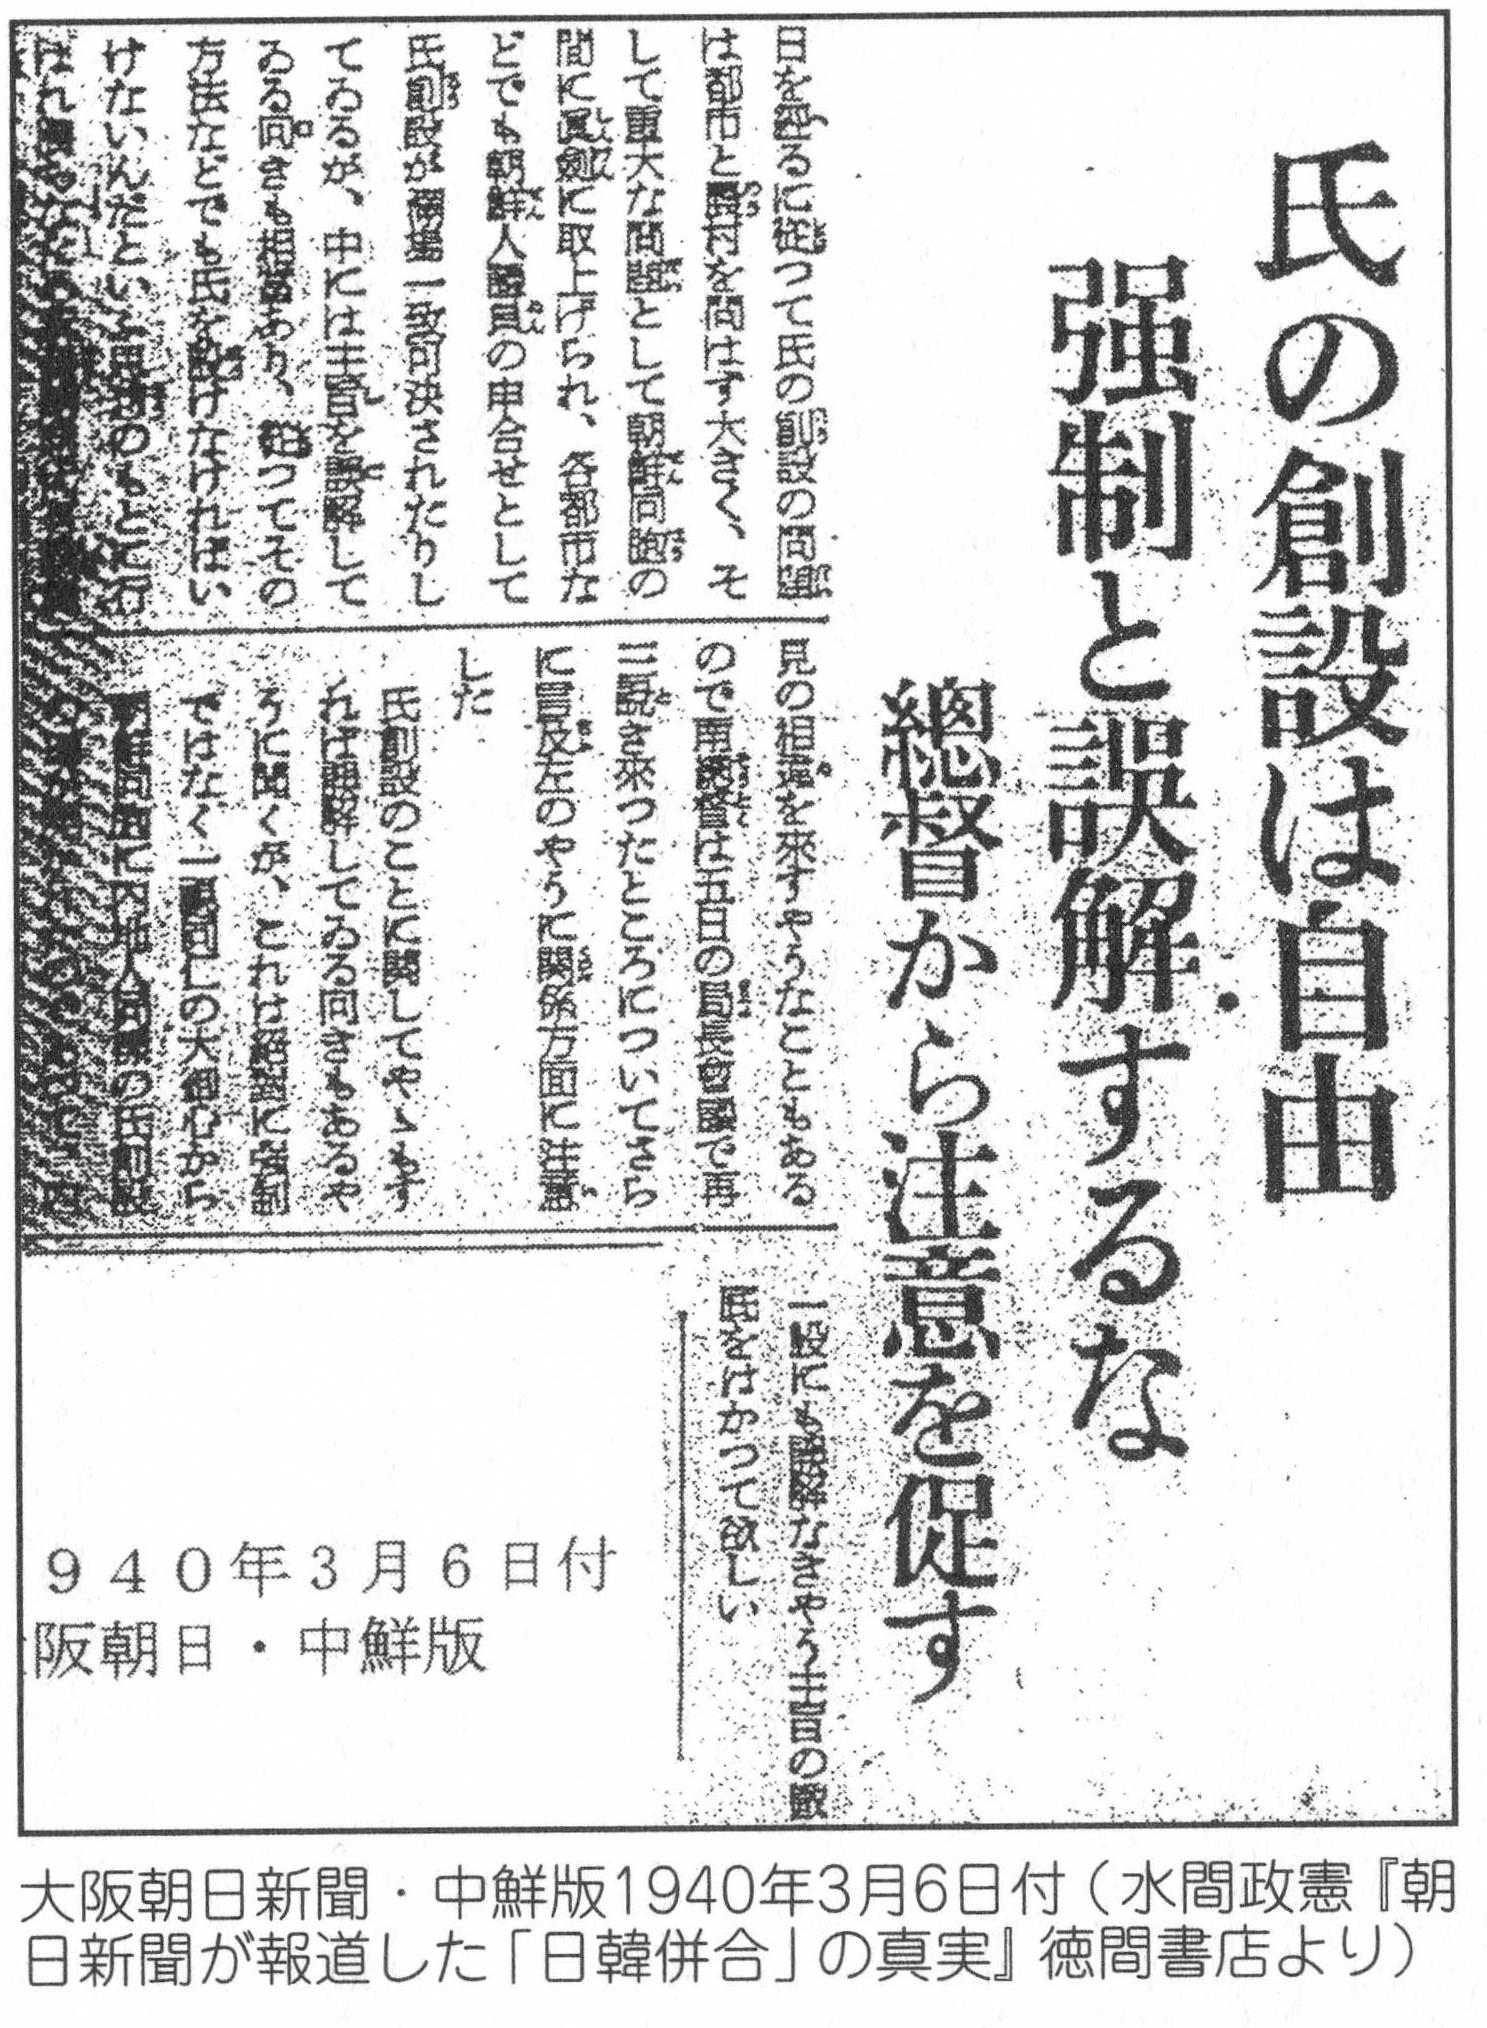 創氏改名020 (3)